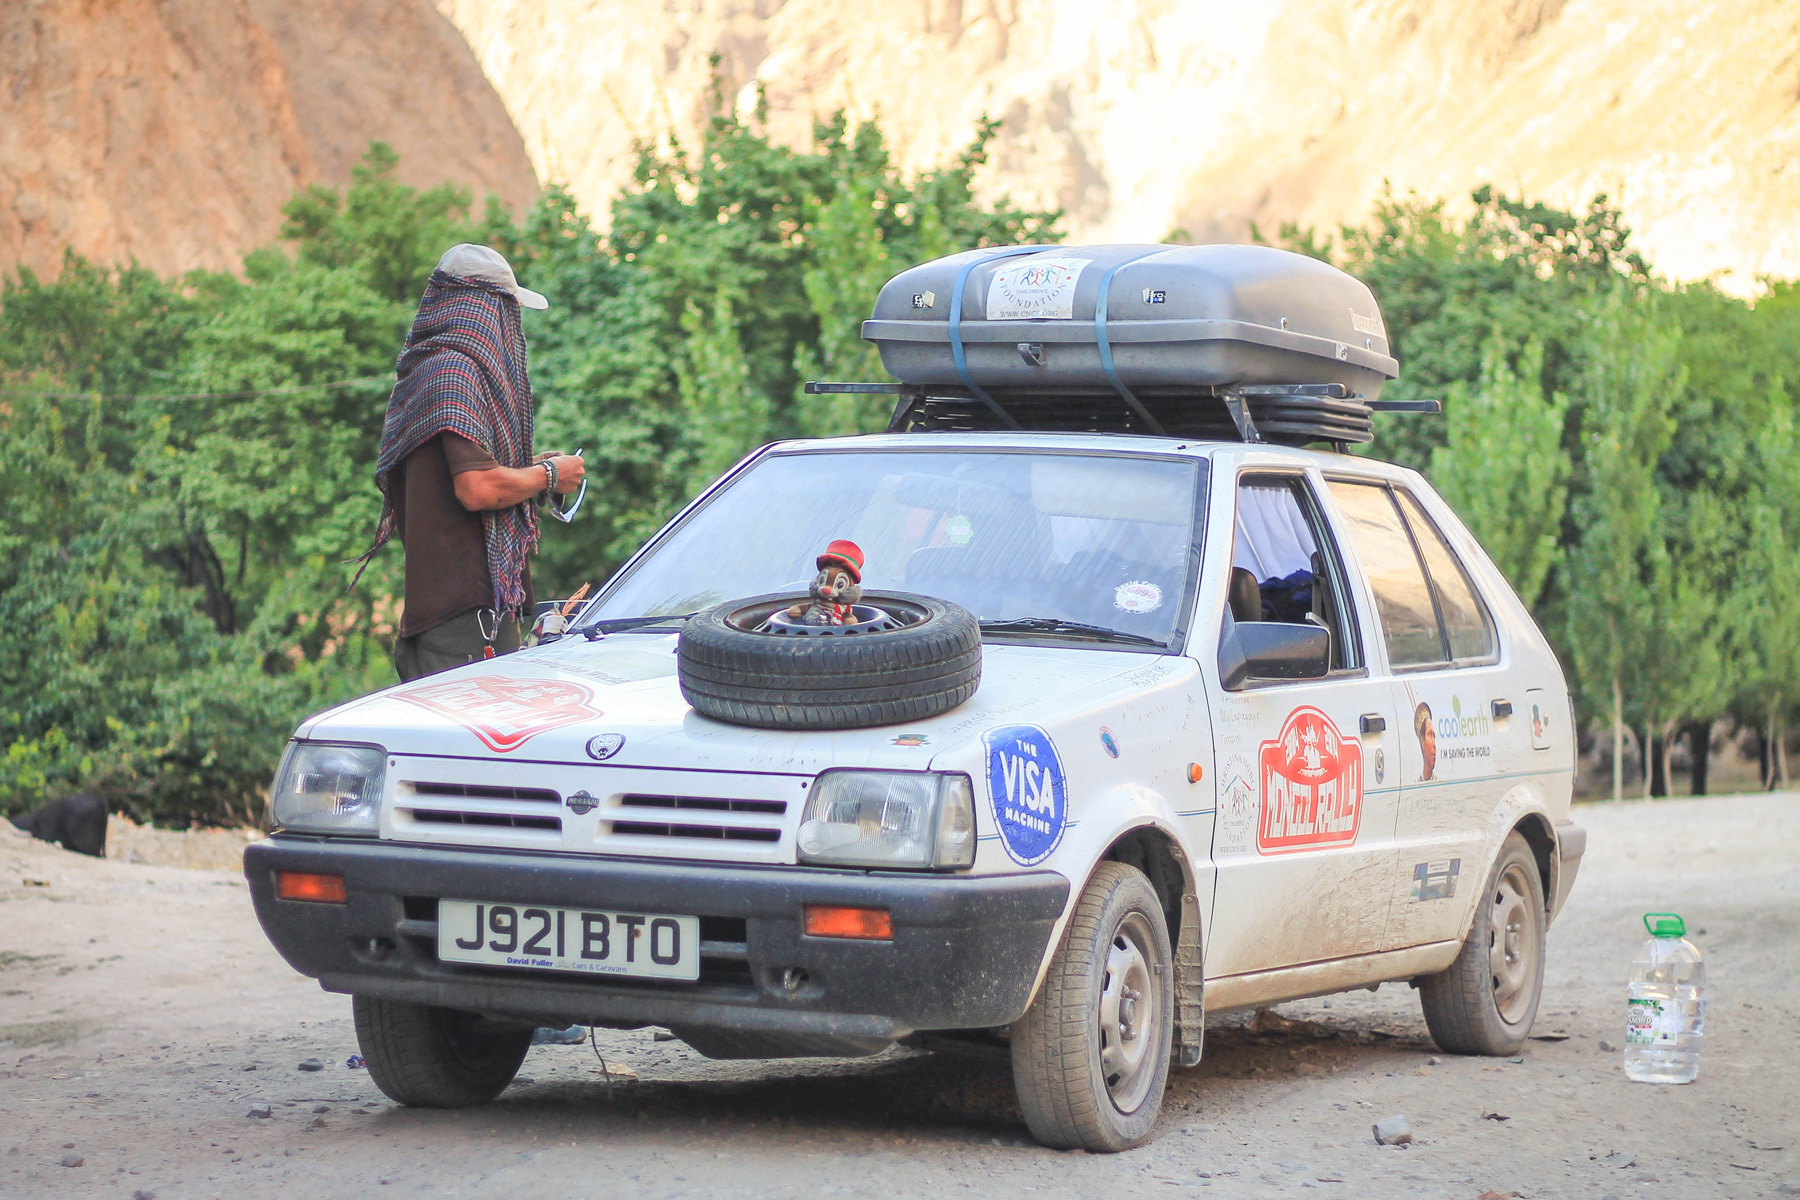 Pojazdy także mogą stanowić ciekawy element krajobrazu. Na ten przykład taki stary wóz biorący udział w charytatywnym rajdzie Mongol Rally - coś w rodzaju naszego Złombolu.